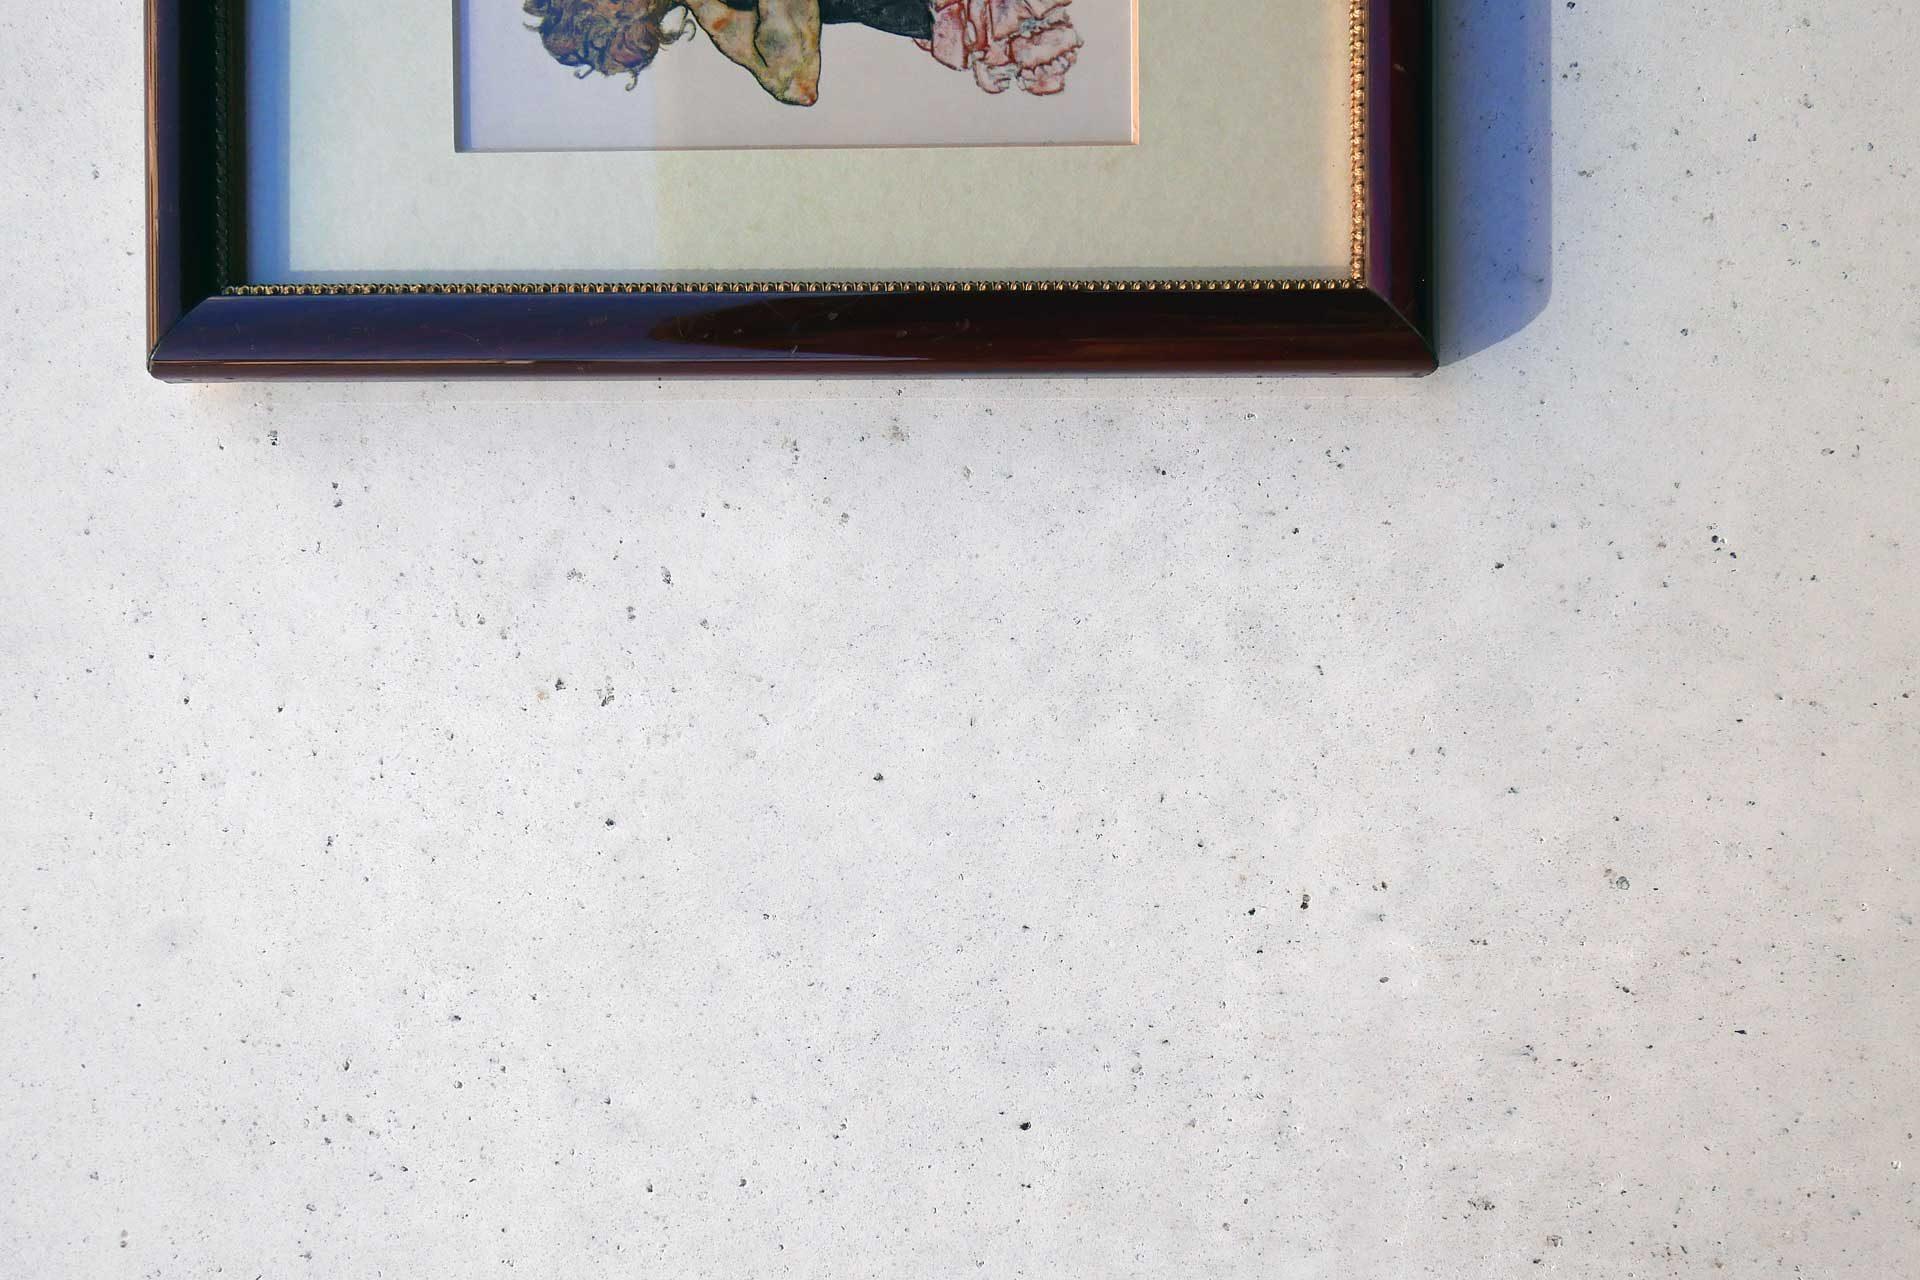 KalkManufaktur Premium Sumpfkalk Marmorputz mit mineralischem Zuschlag